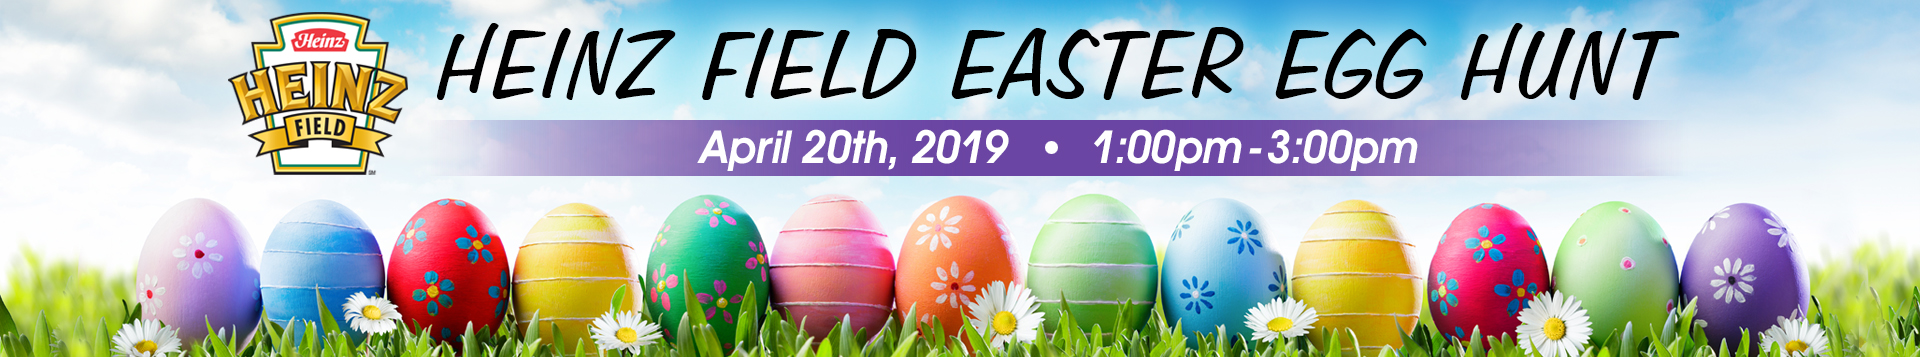 2019 Heinz Field Easter Egg Hunt